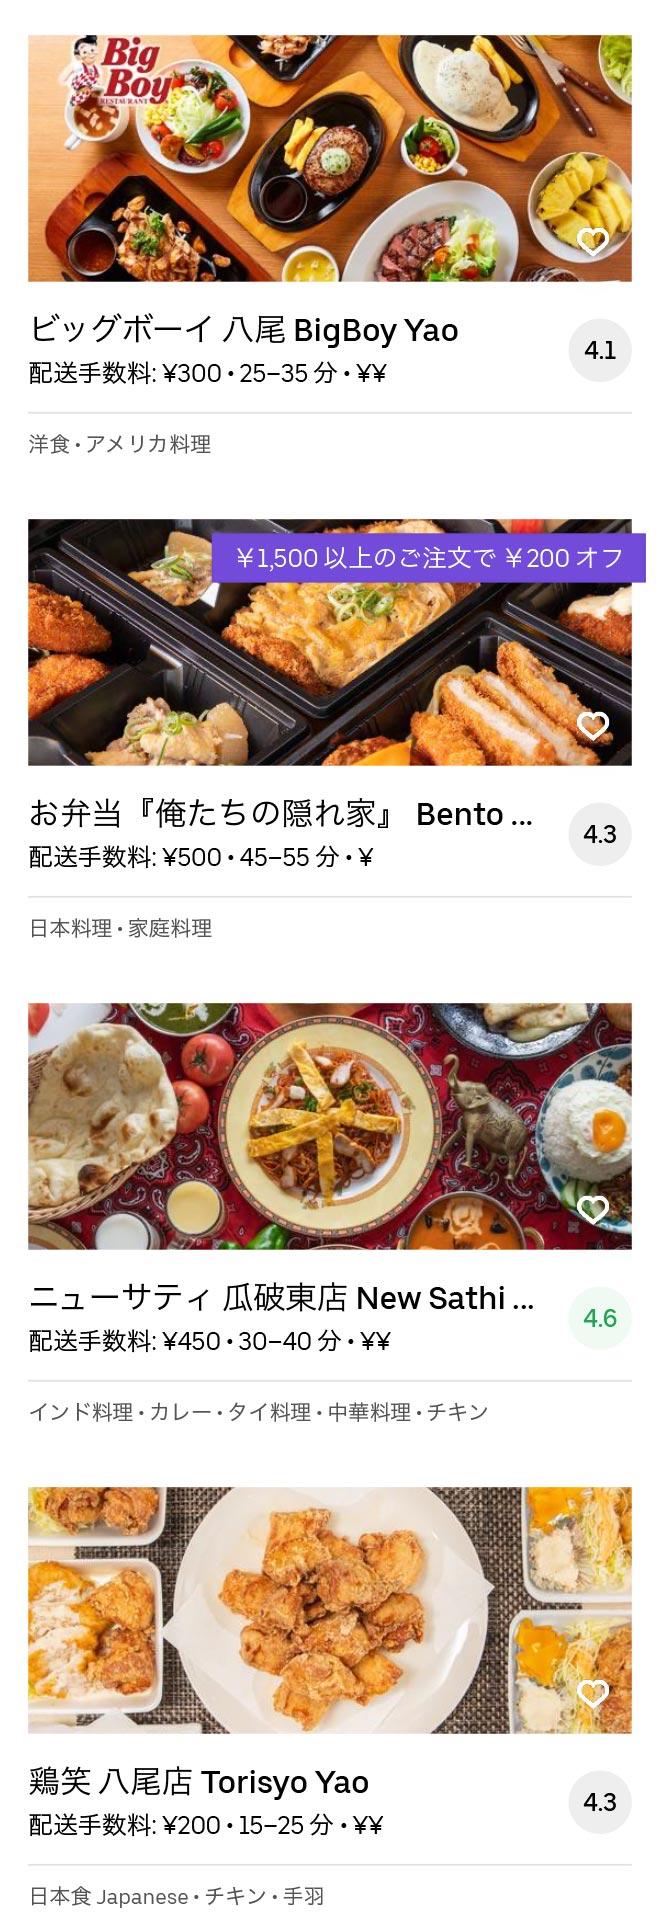 Yao shiki menu 2005 06